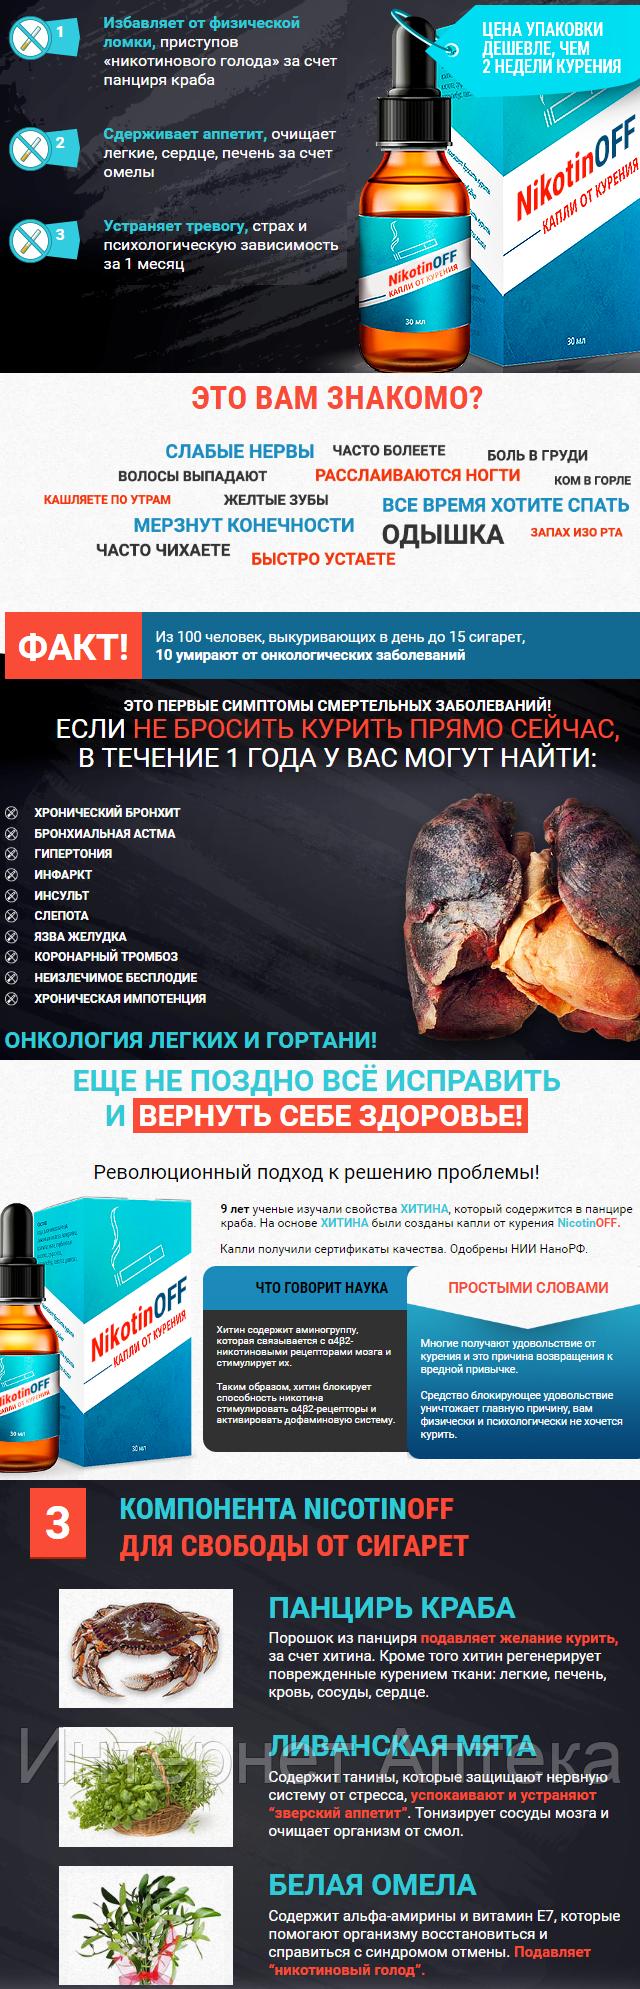 капли против курения nikotinoff купить